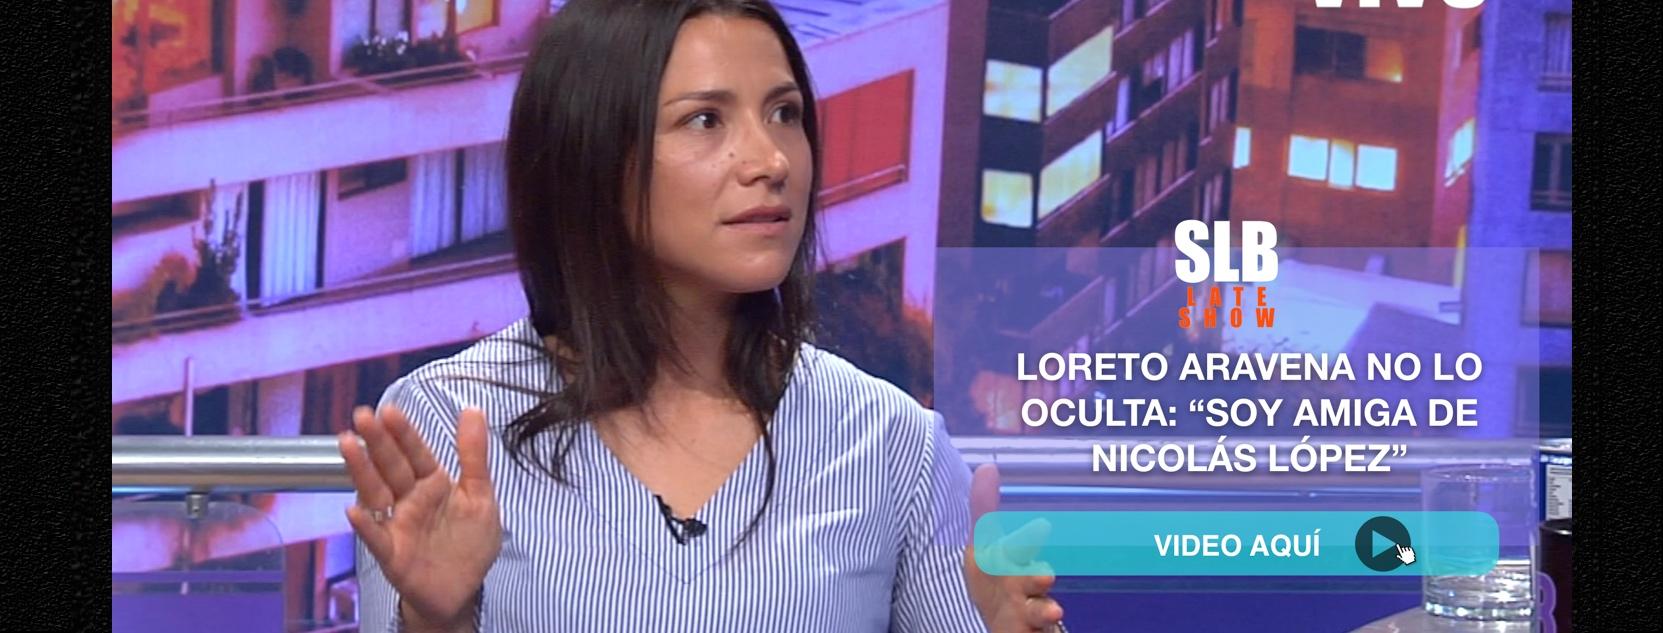 Loreto-Aravena